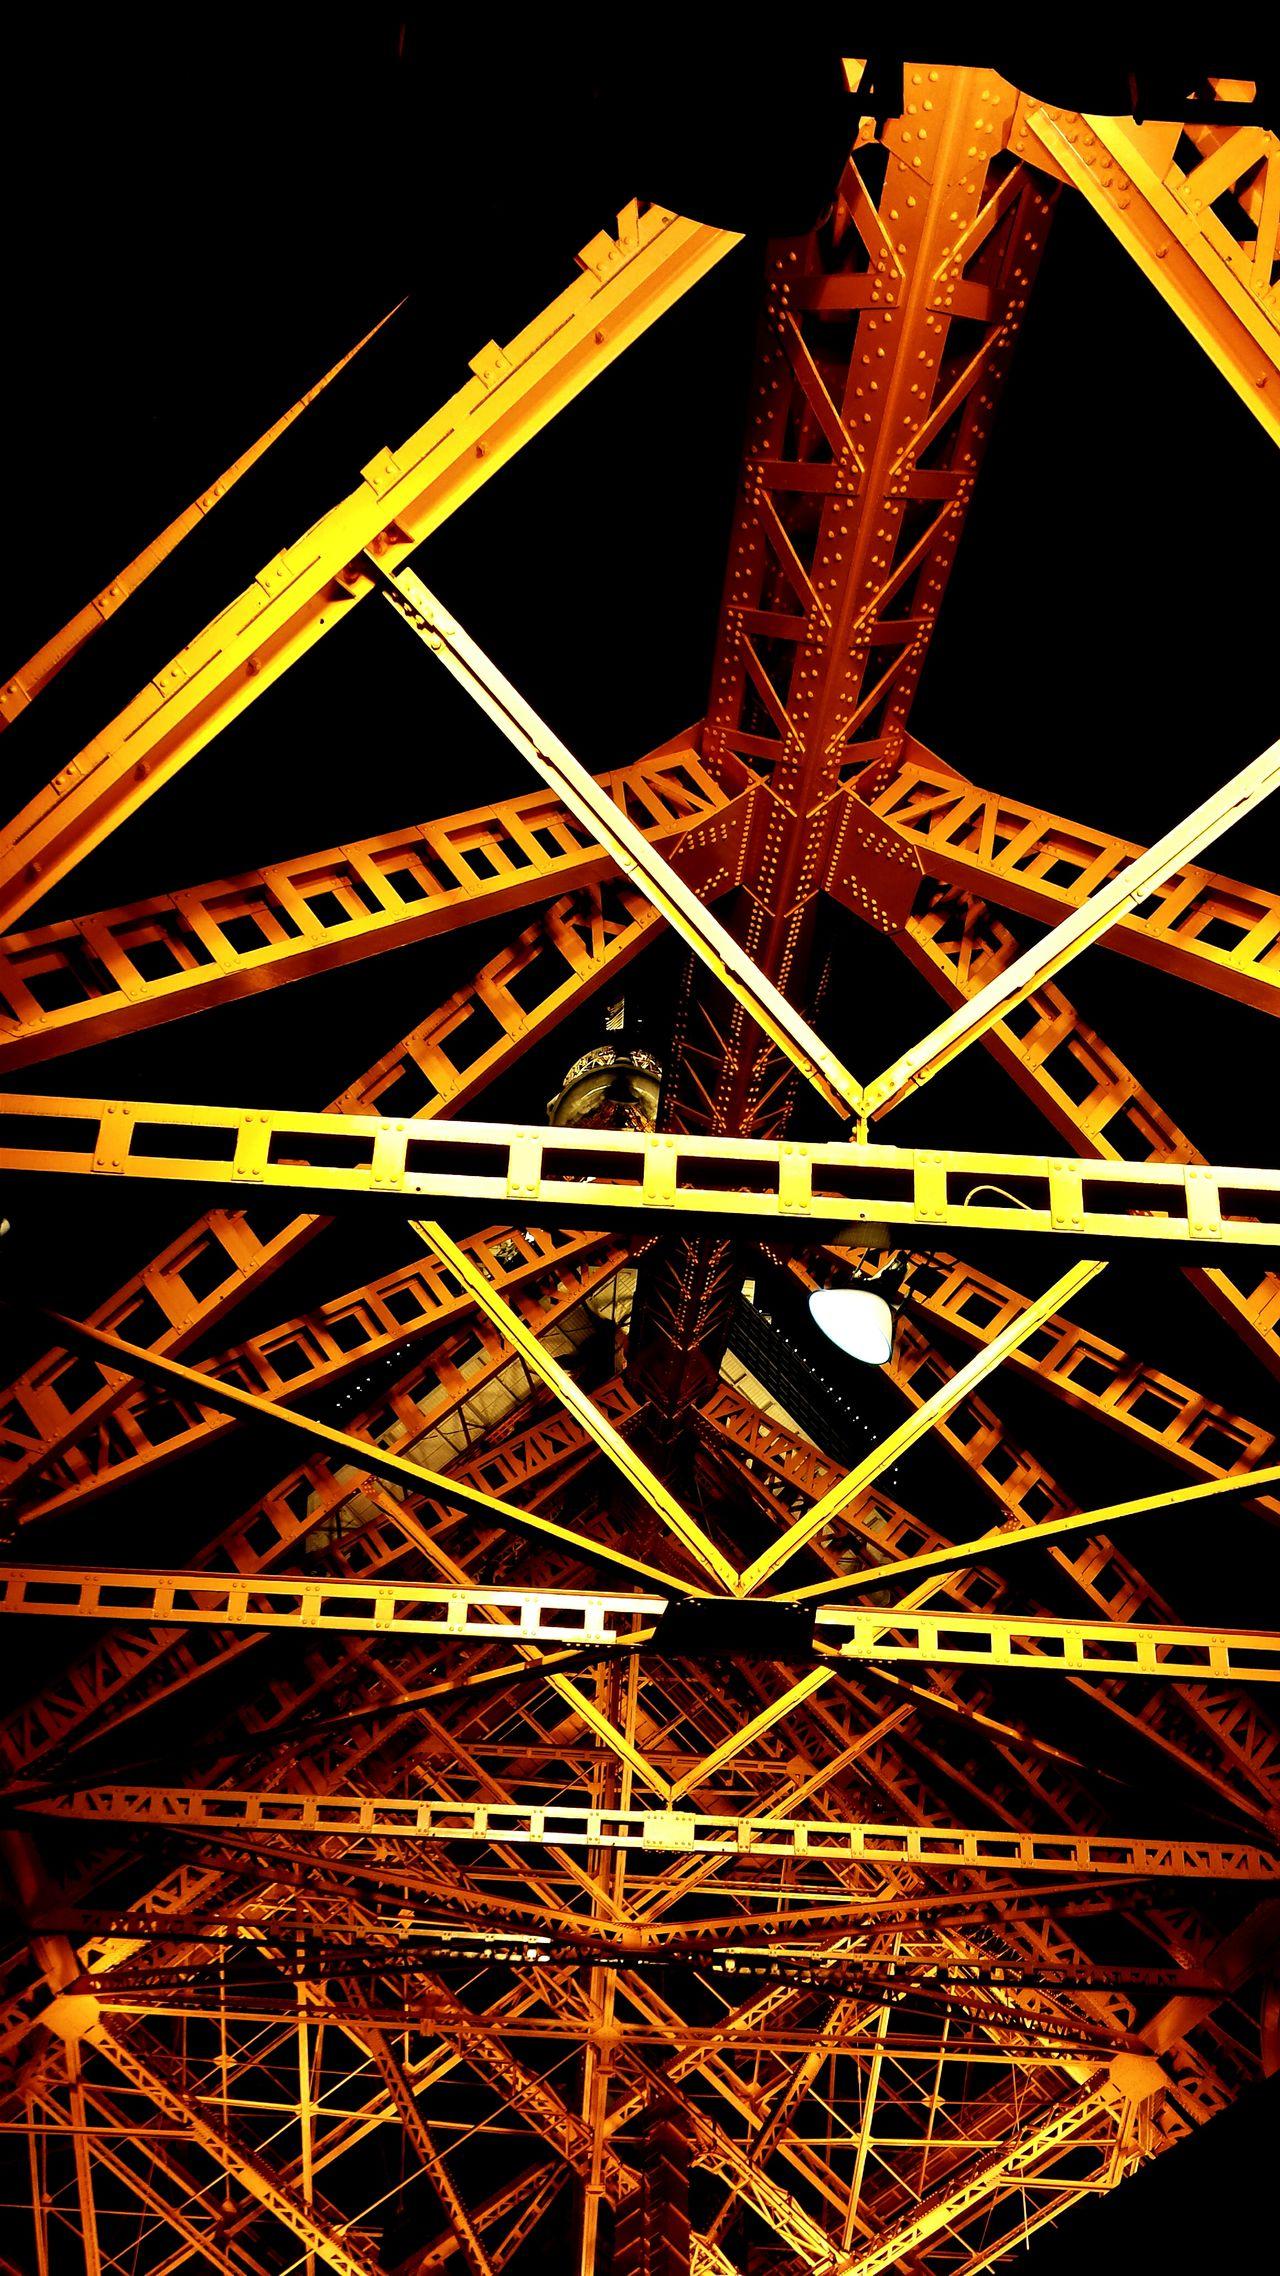 東京タワー First Eyeem Photo Full Frame Red Tokyo Tower 😚 Orange Color オレンジ色 朱 東京 たわー 鉄骨